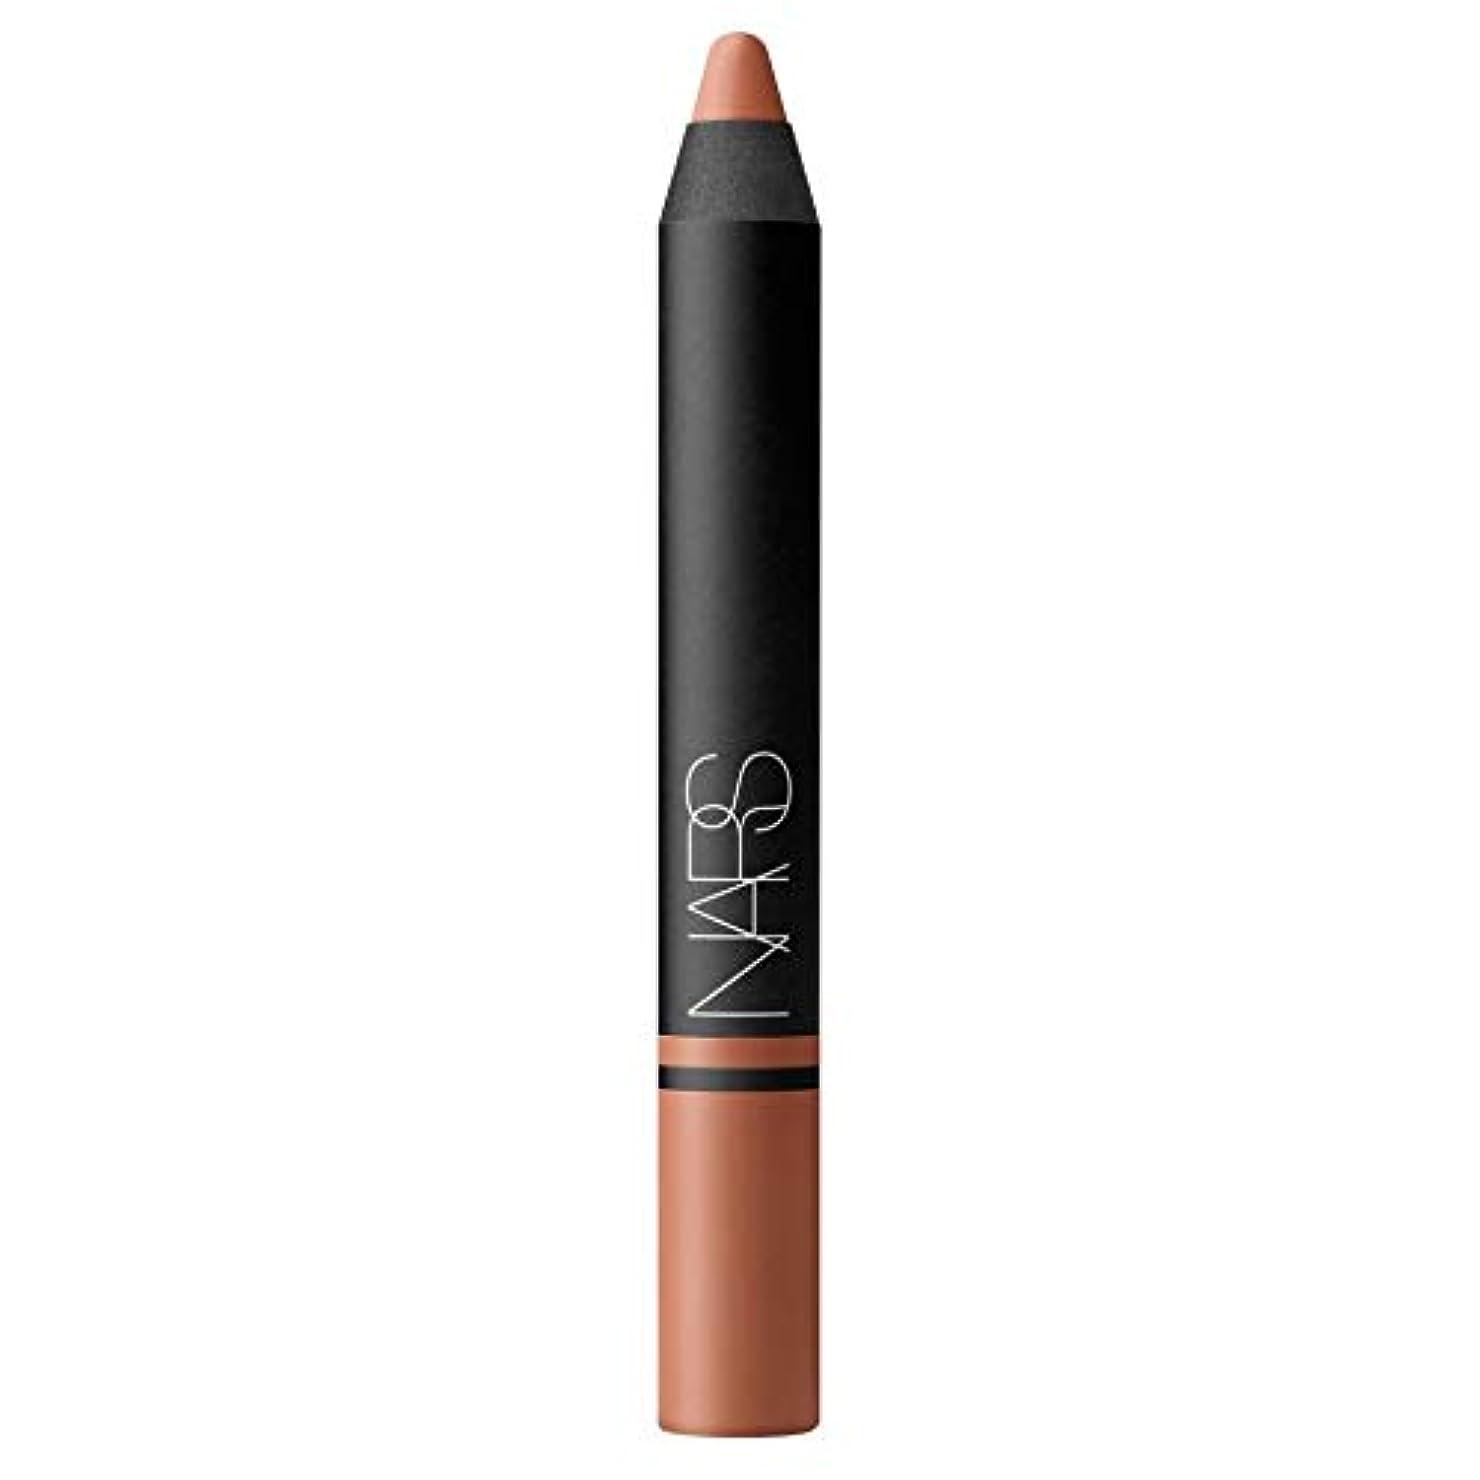 マイナー記事確執[NARS] ベッラ島でのNarサテンリップペンシル - Nars Satin Lip Pencil in Isola Bella [並行輸入品]